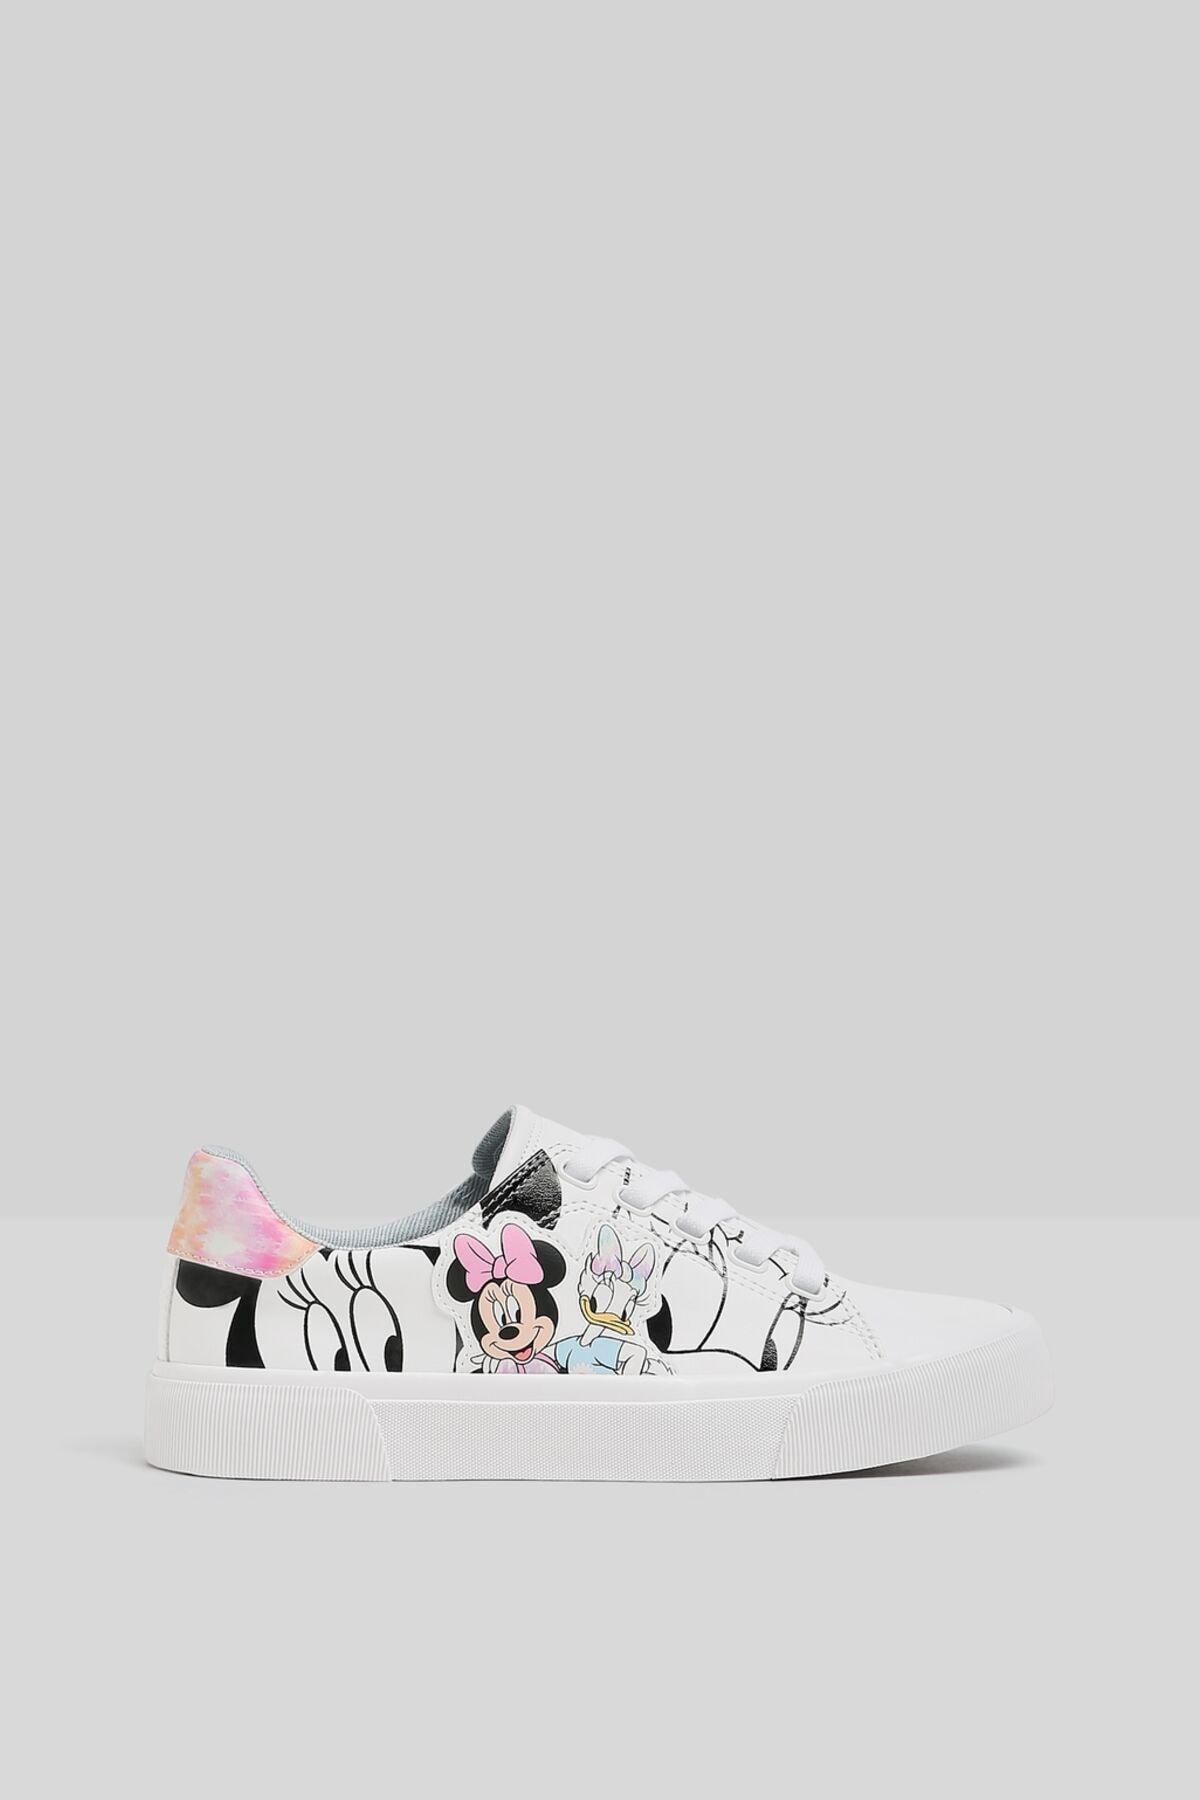 Bershka Minnie Daisy Baskılı Spor Ayakkabı 1